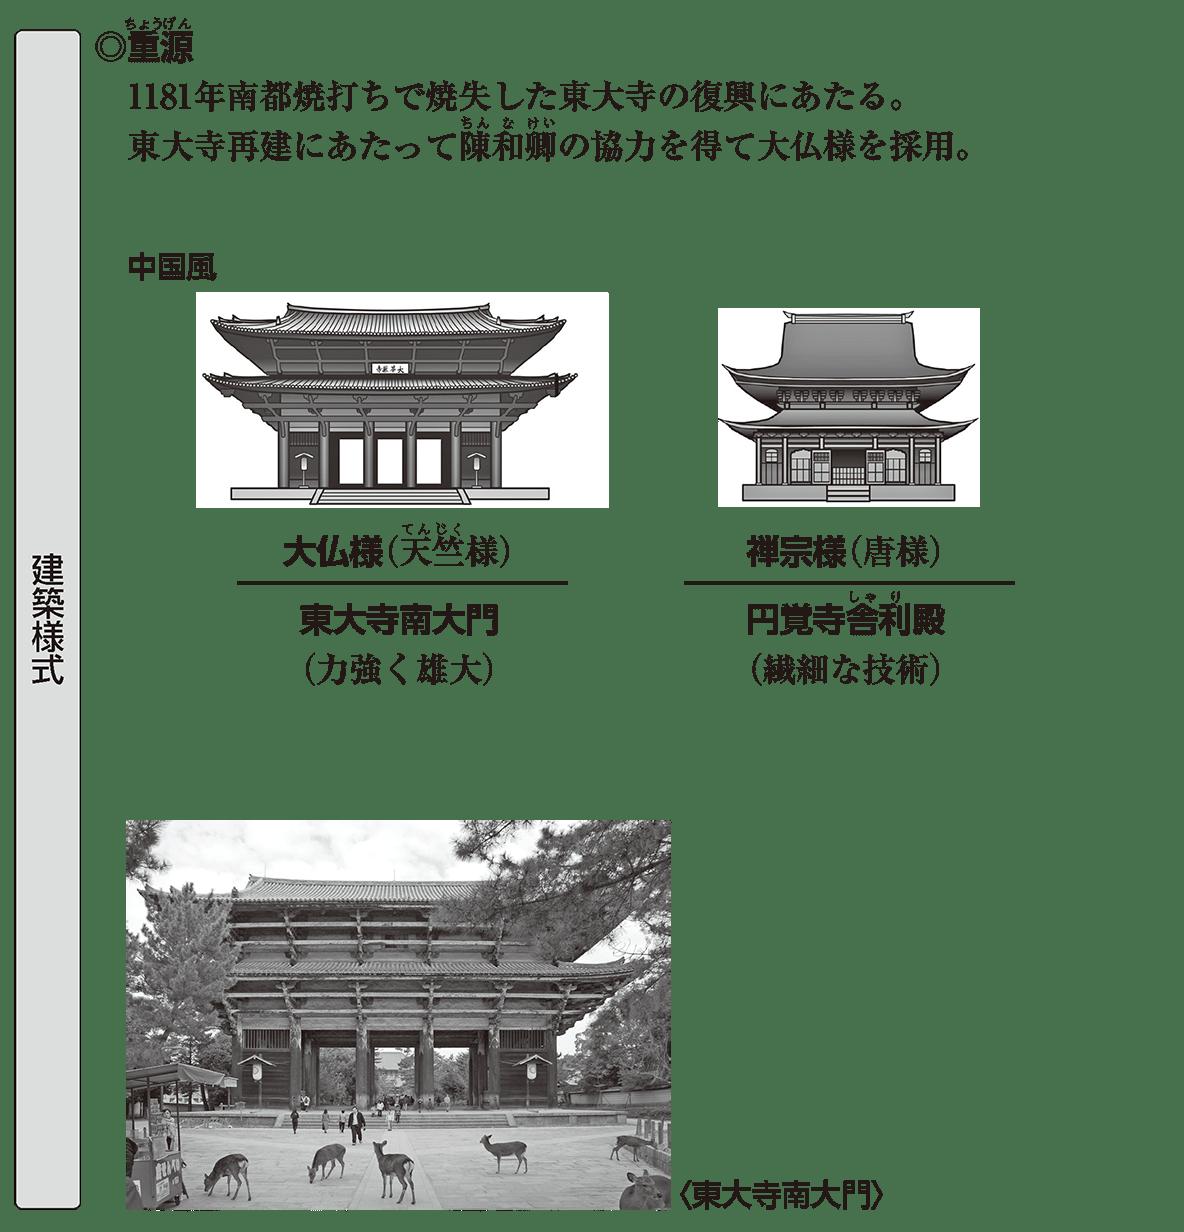 中世の文化8 ポイント1 建築様式